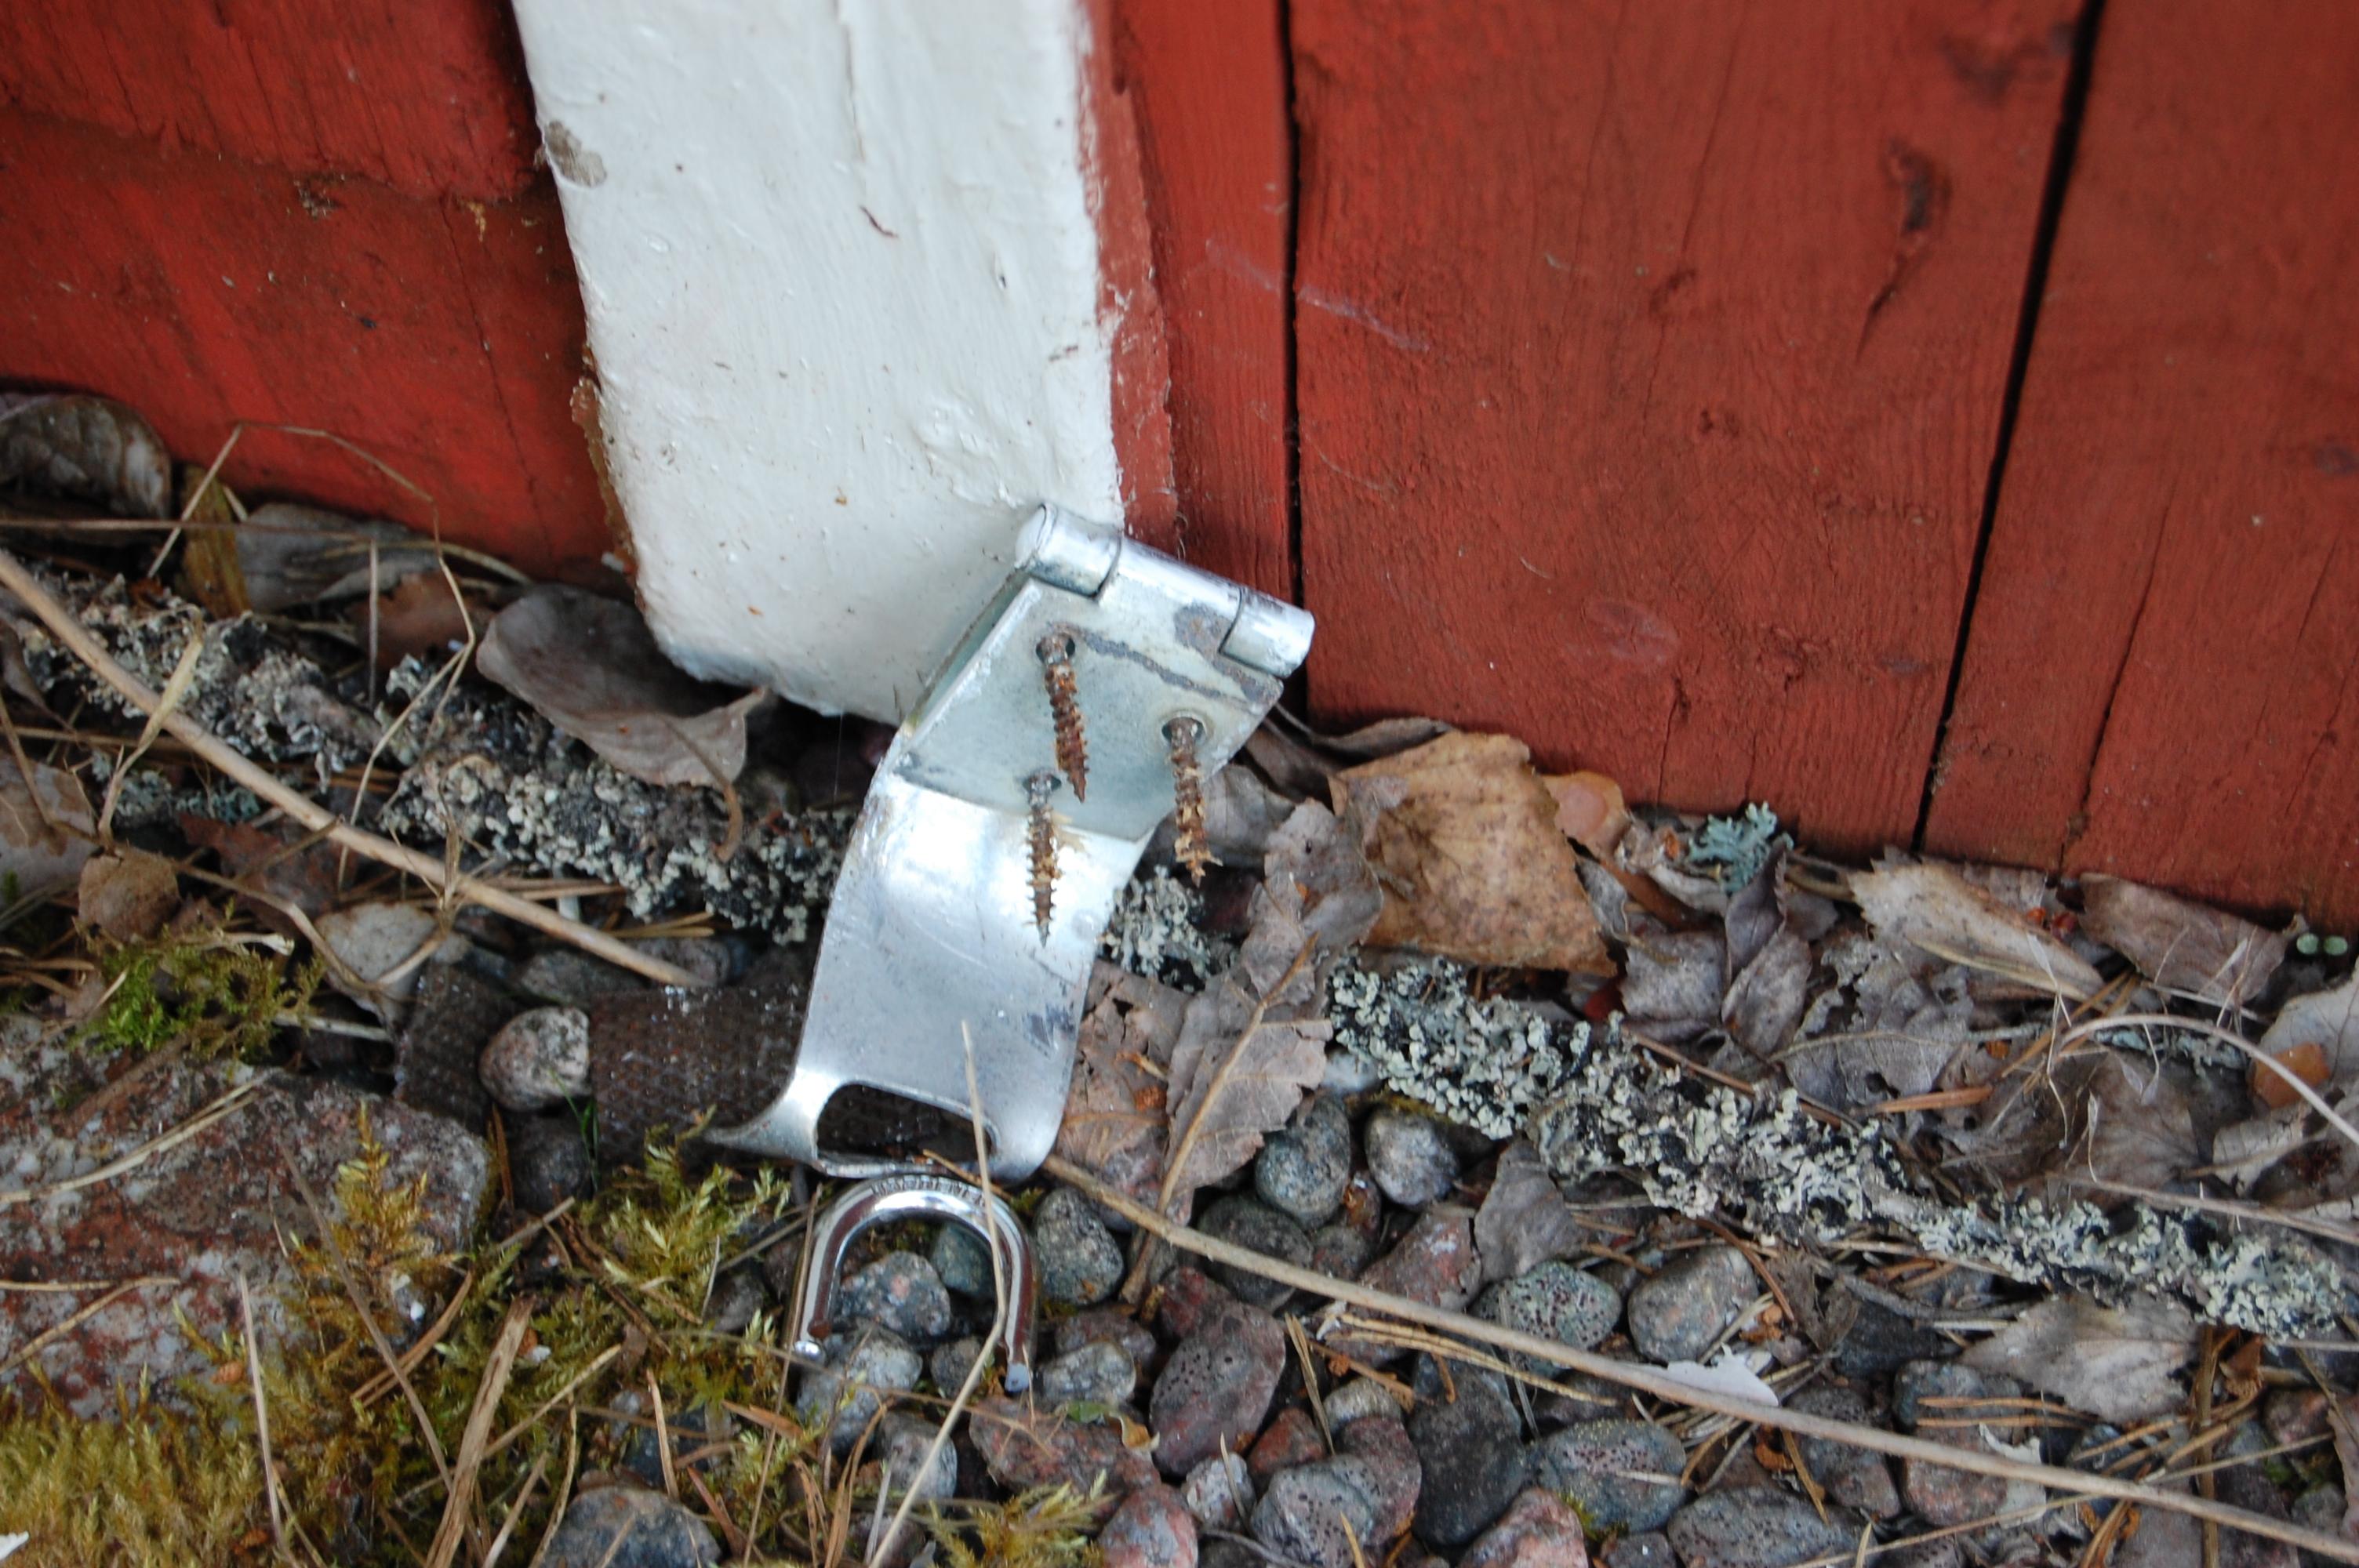 Bortslitet lås på marken intill en faluröd vägg.